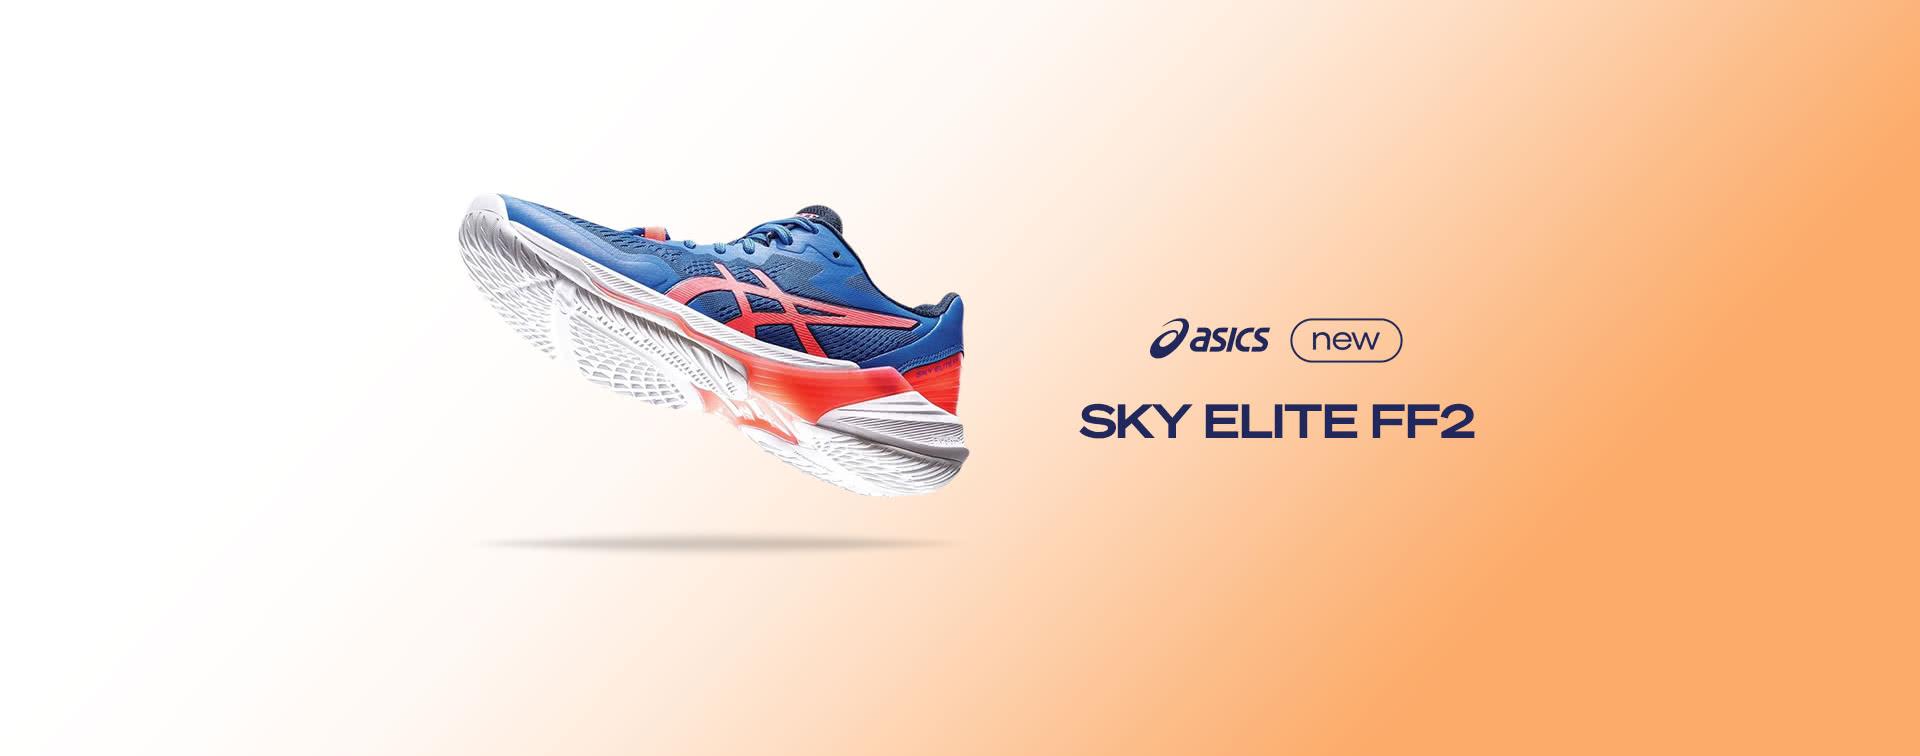 Volleybalschoenen Asics Gel Sky Elite